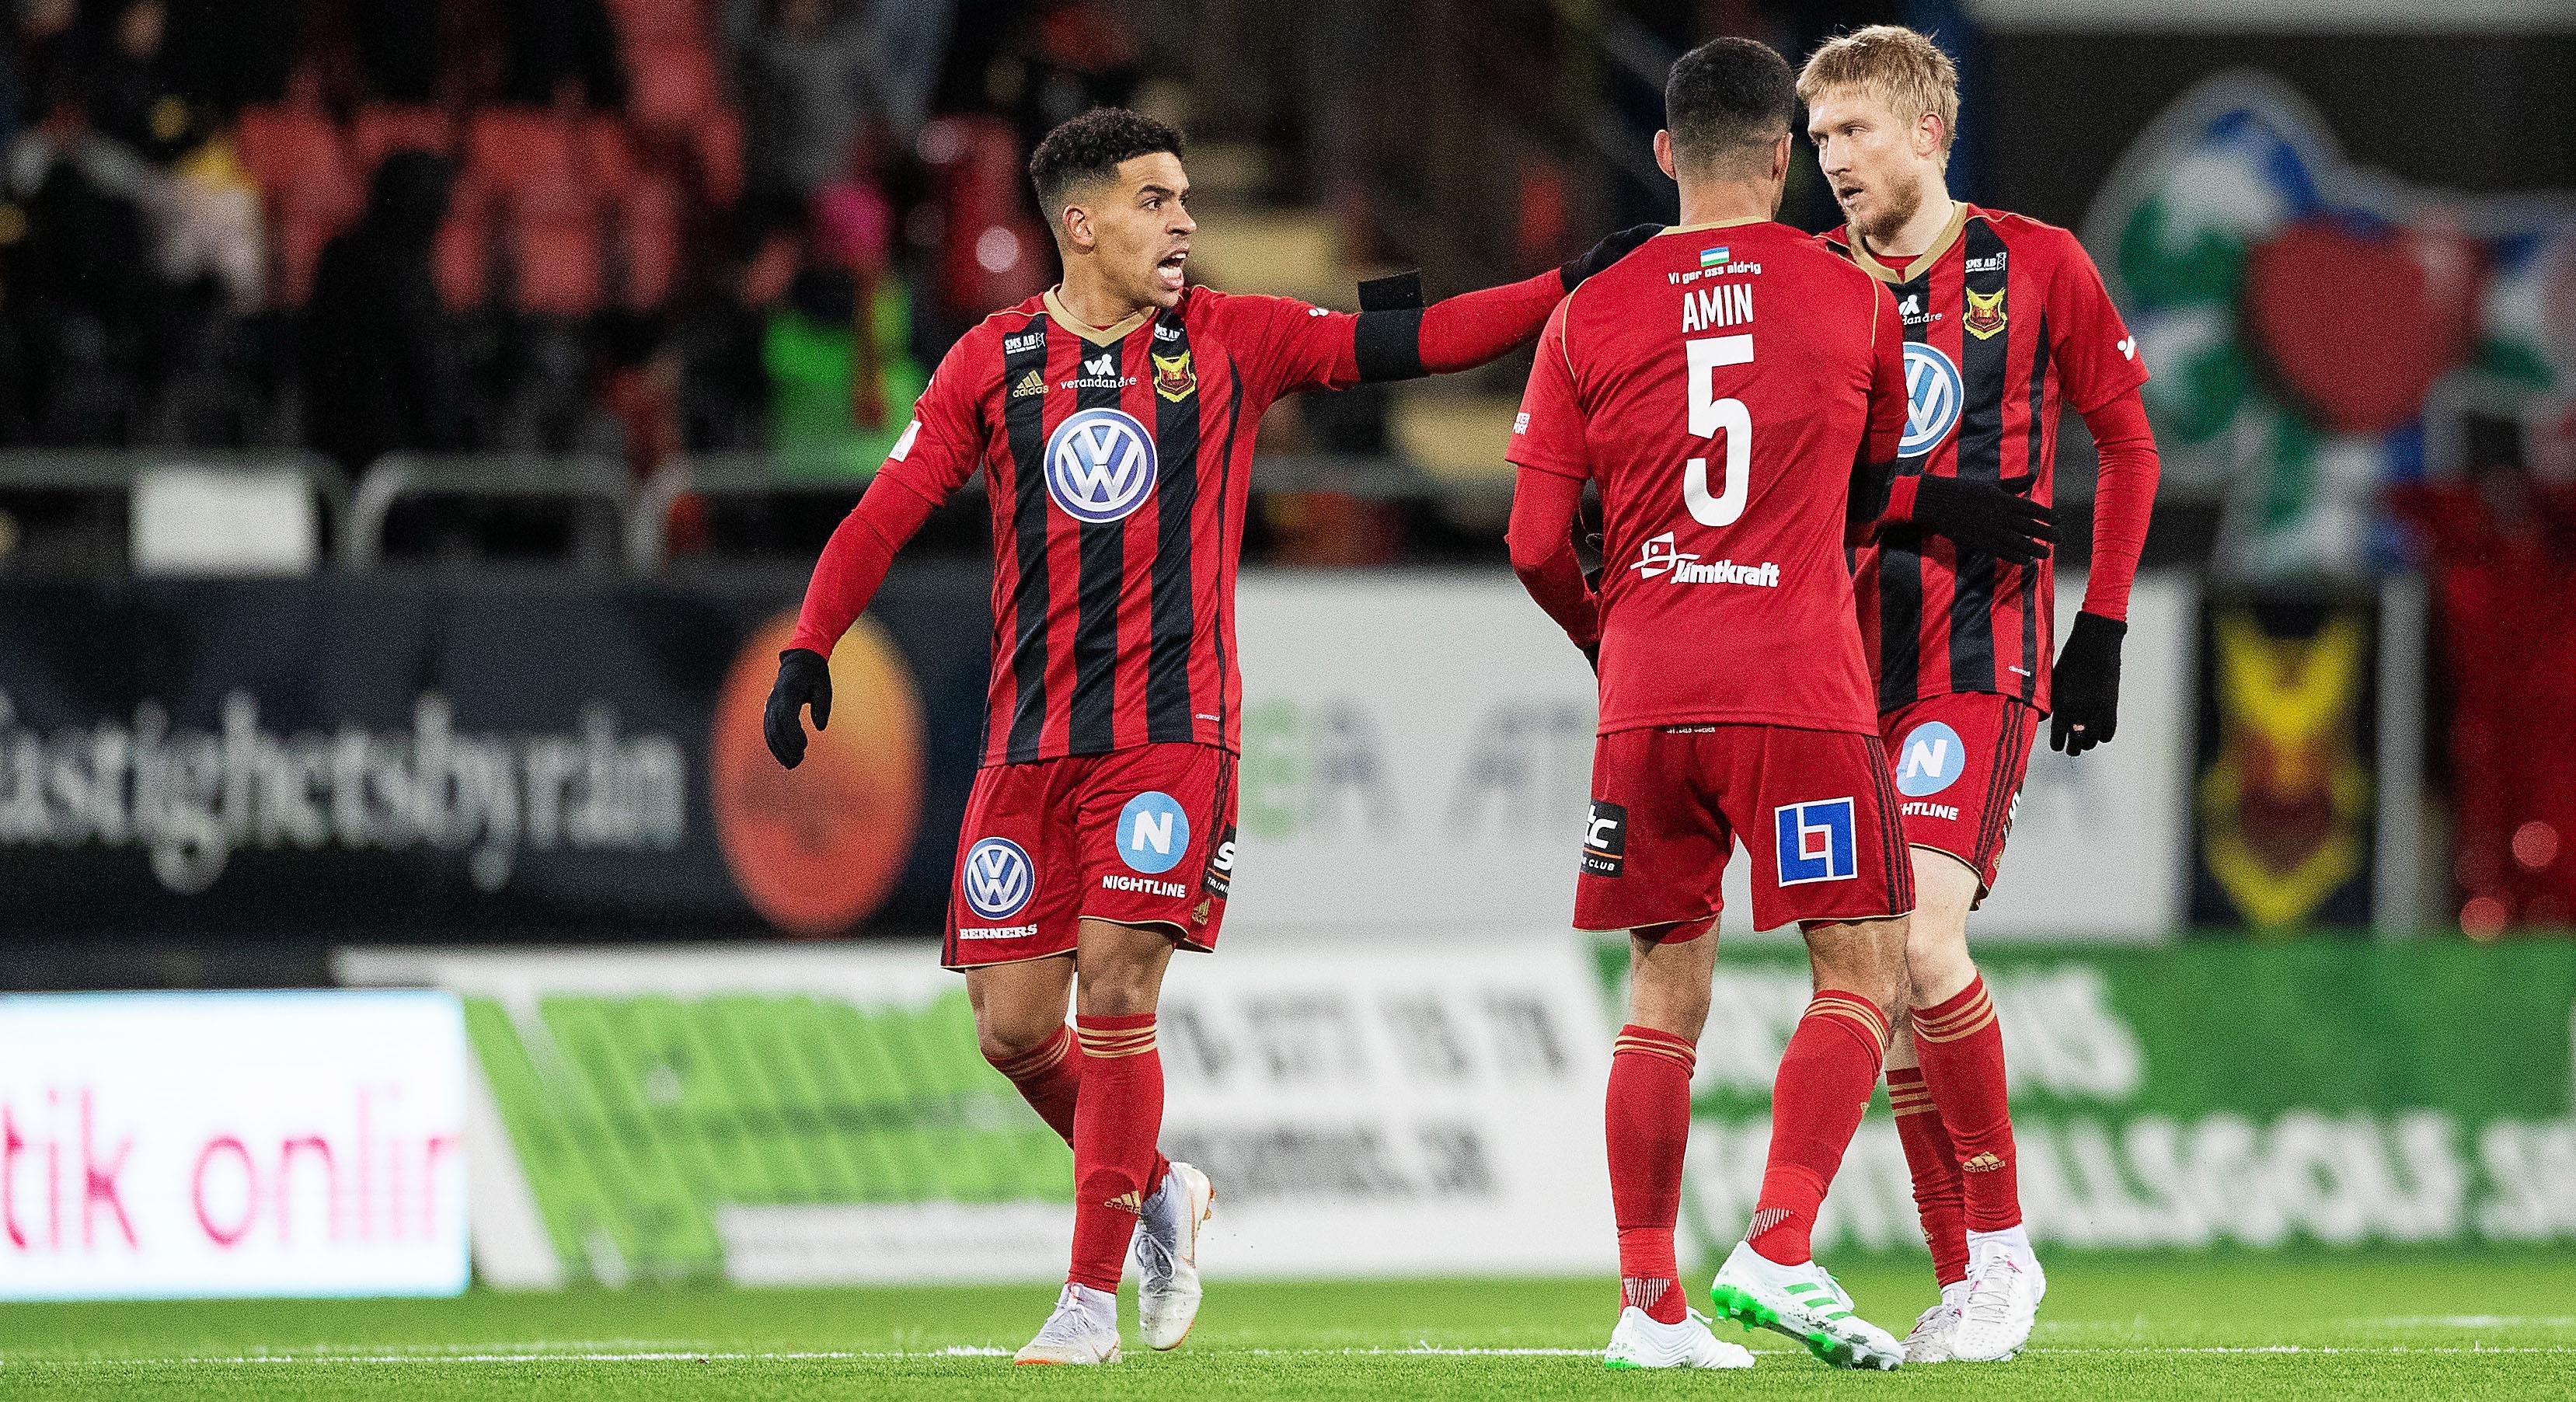 Östersund vann målrik match mot Umeå - med halva A-truppen